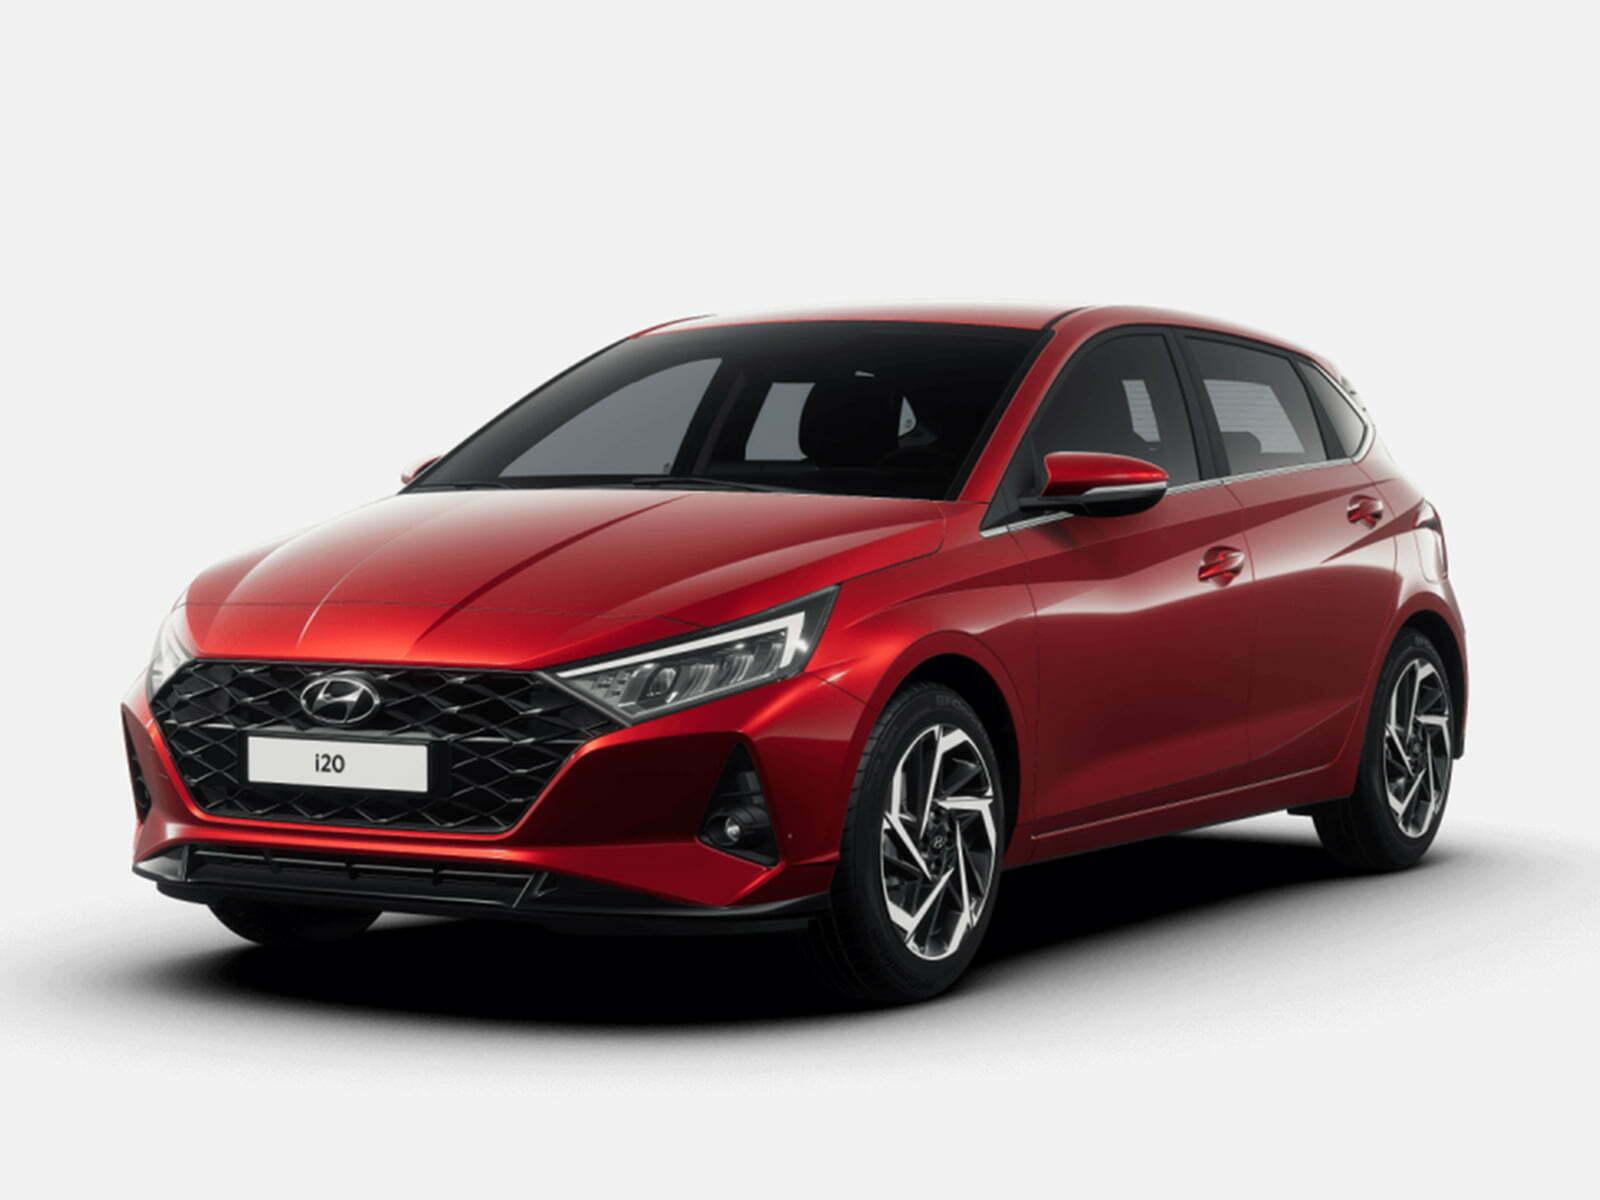 Hyundai i20 1.2 MPI 84pk i-Motion 5d.